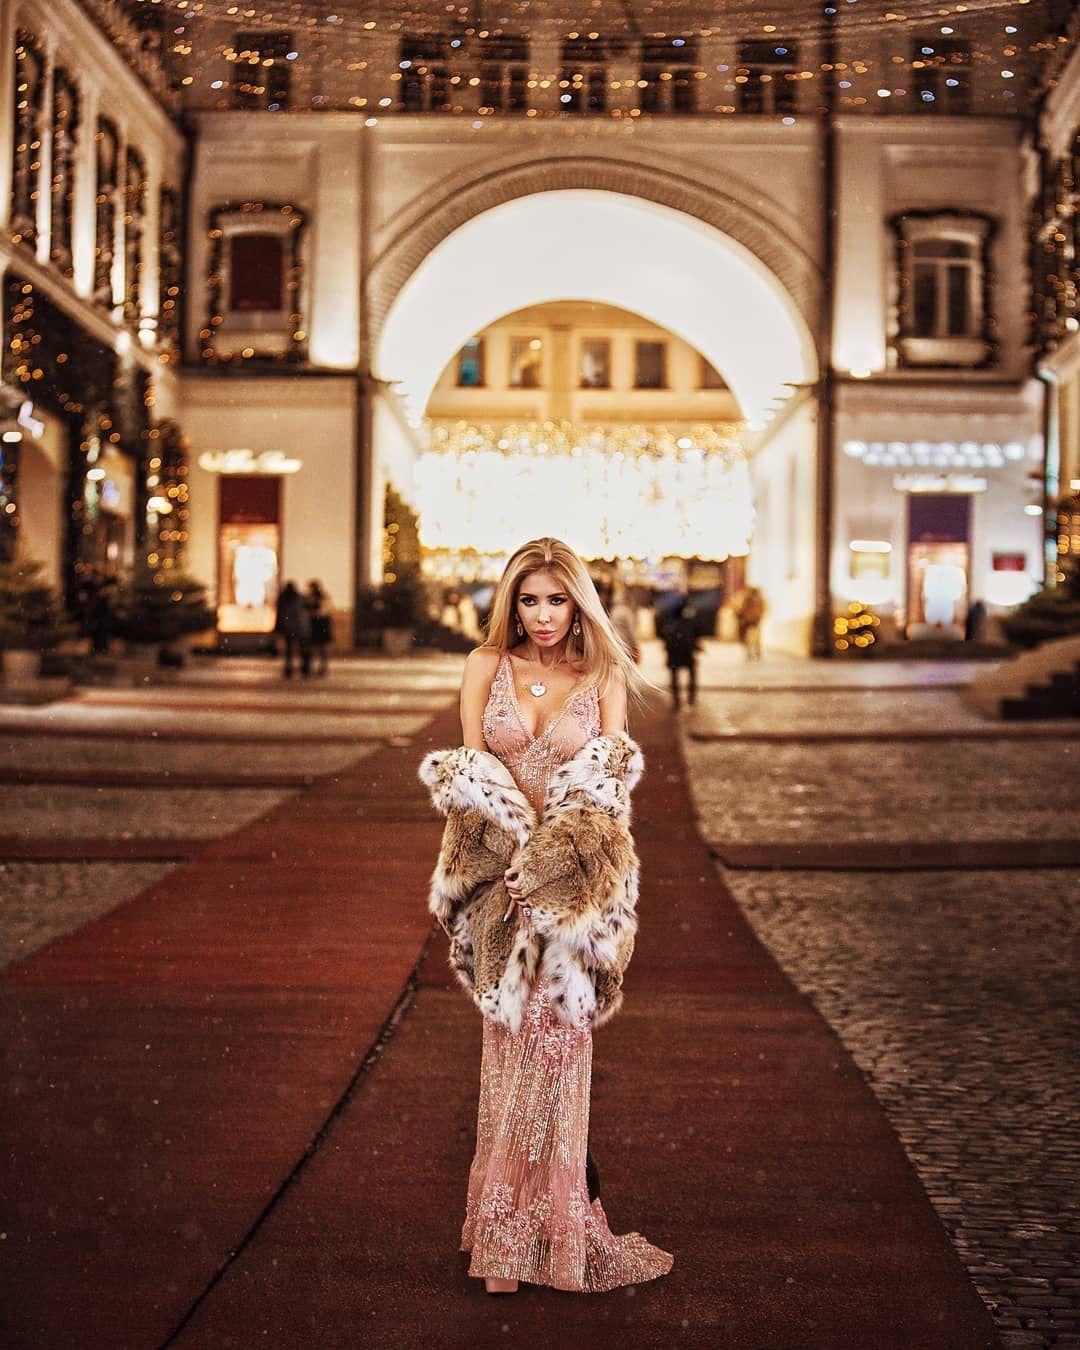 фотографы москвы звезд данном сайте есть